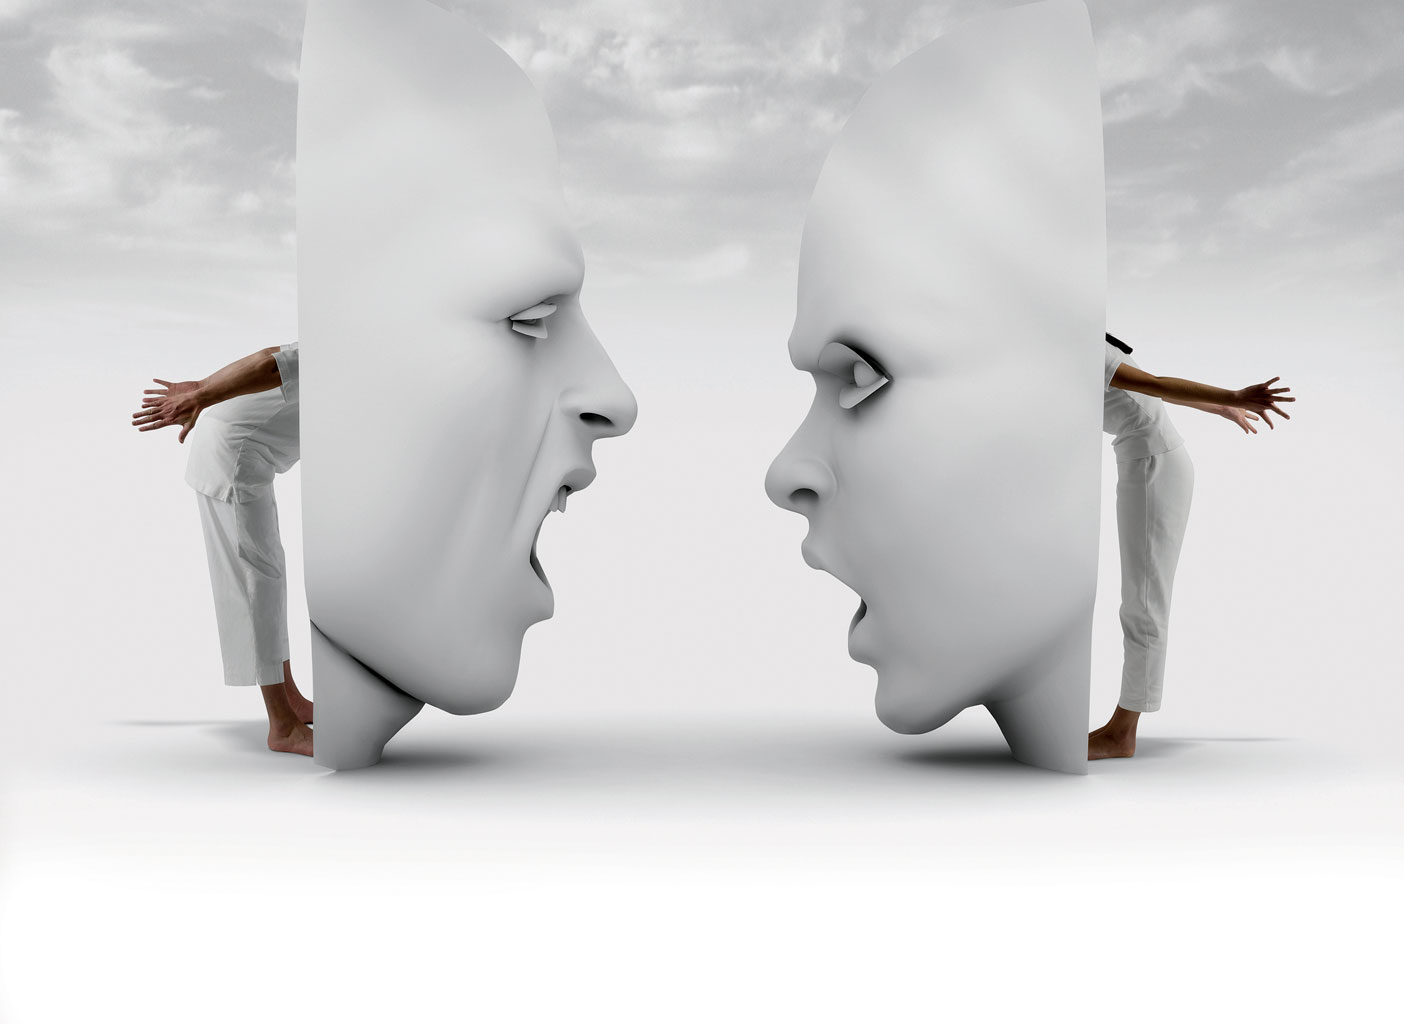 sovremennoe-iskusstvo-obshheniya-v-konfliktax